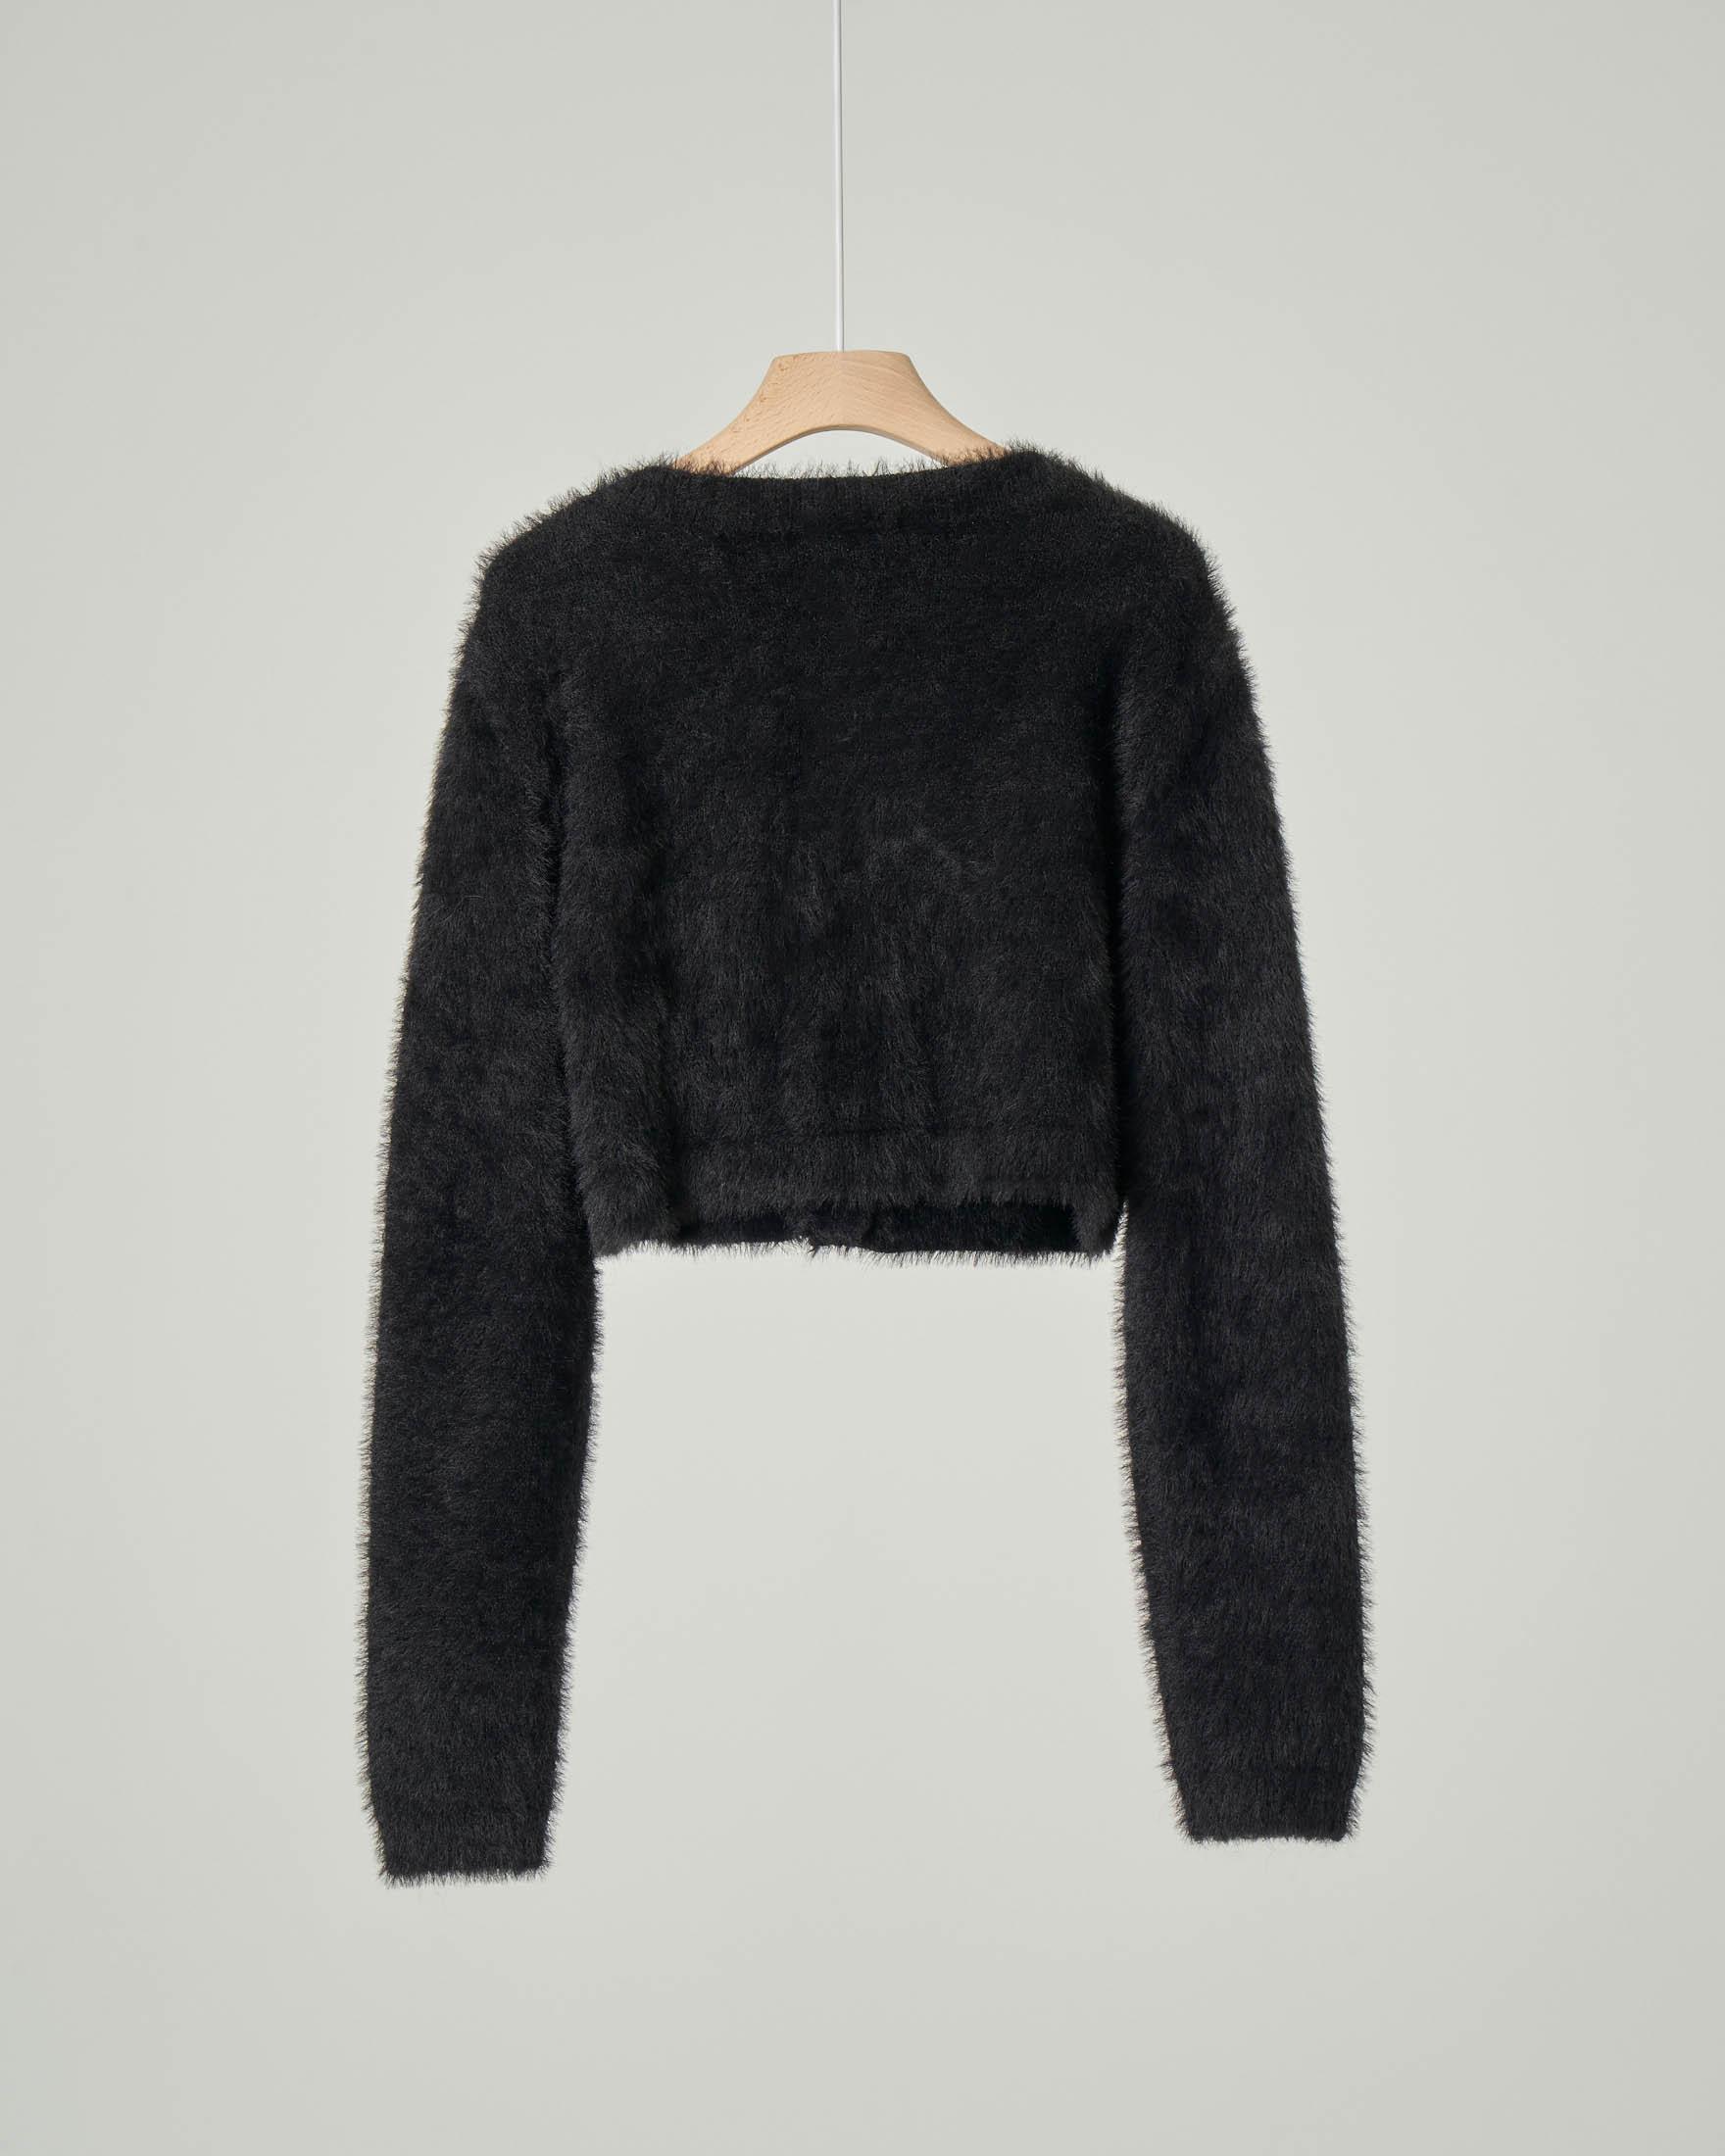 Maglia cardigan nera in tessuto effetto pelliccia S-XL